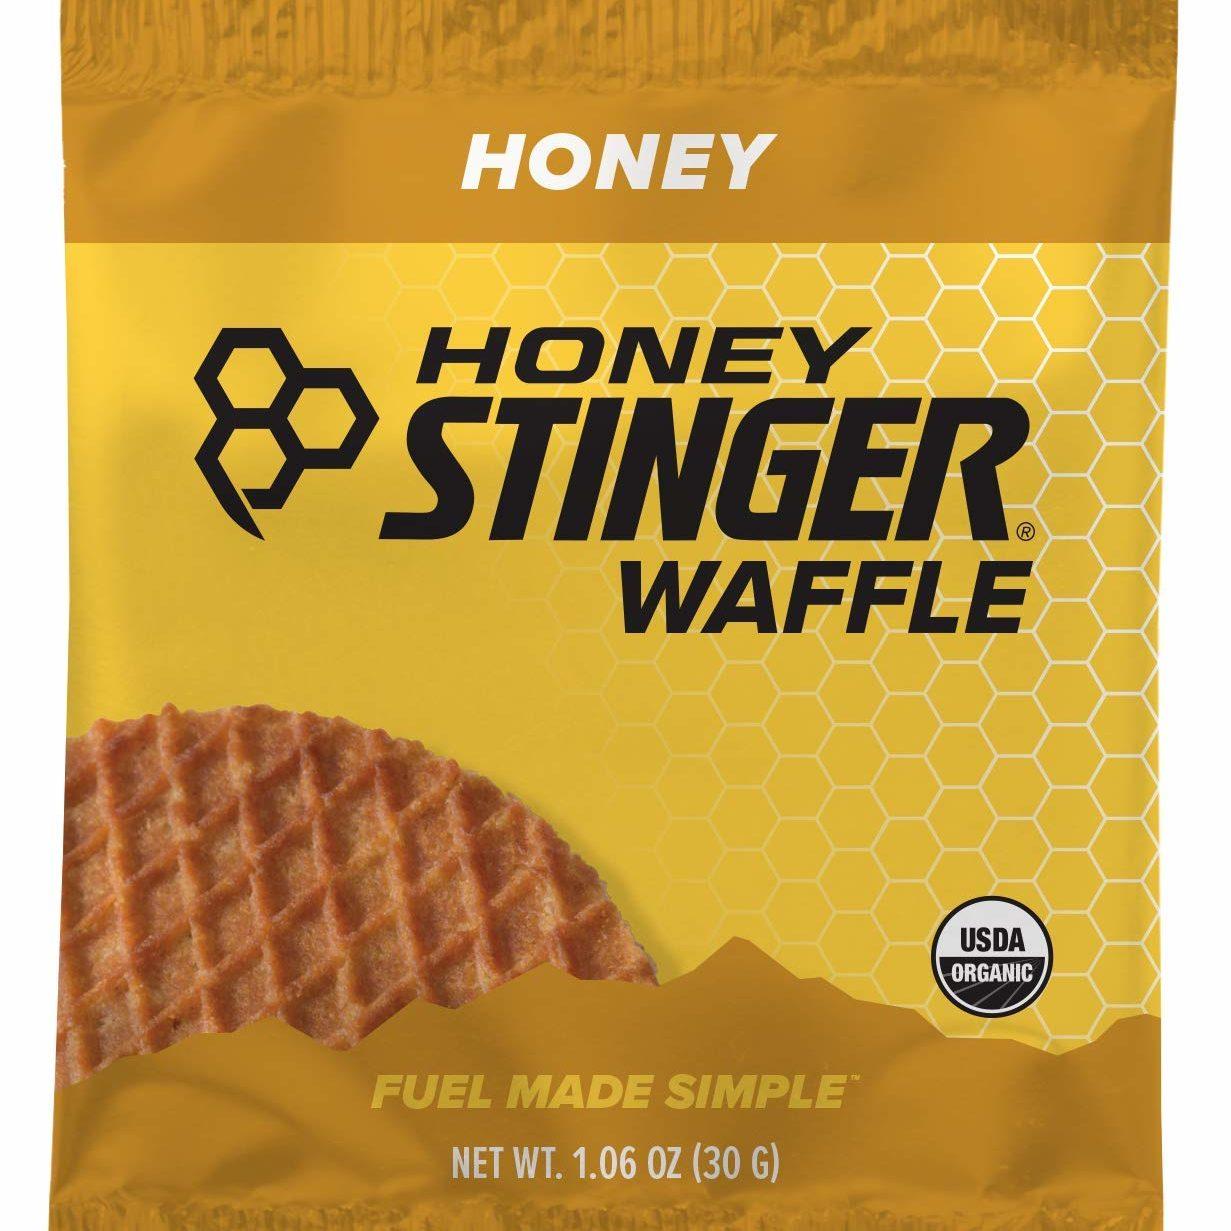 honeystinger